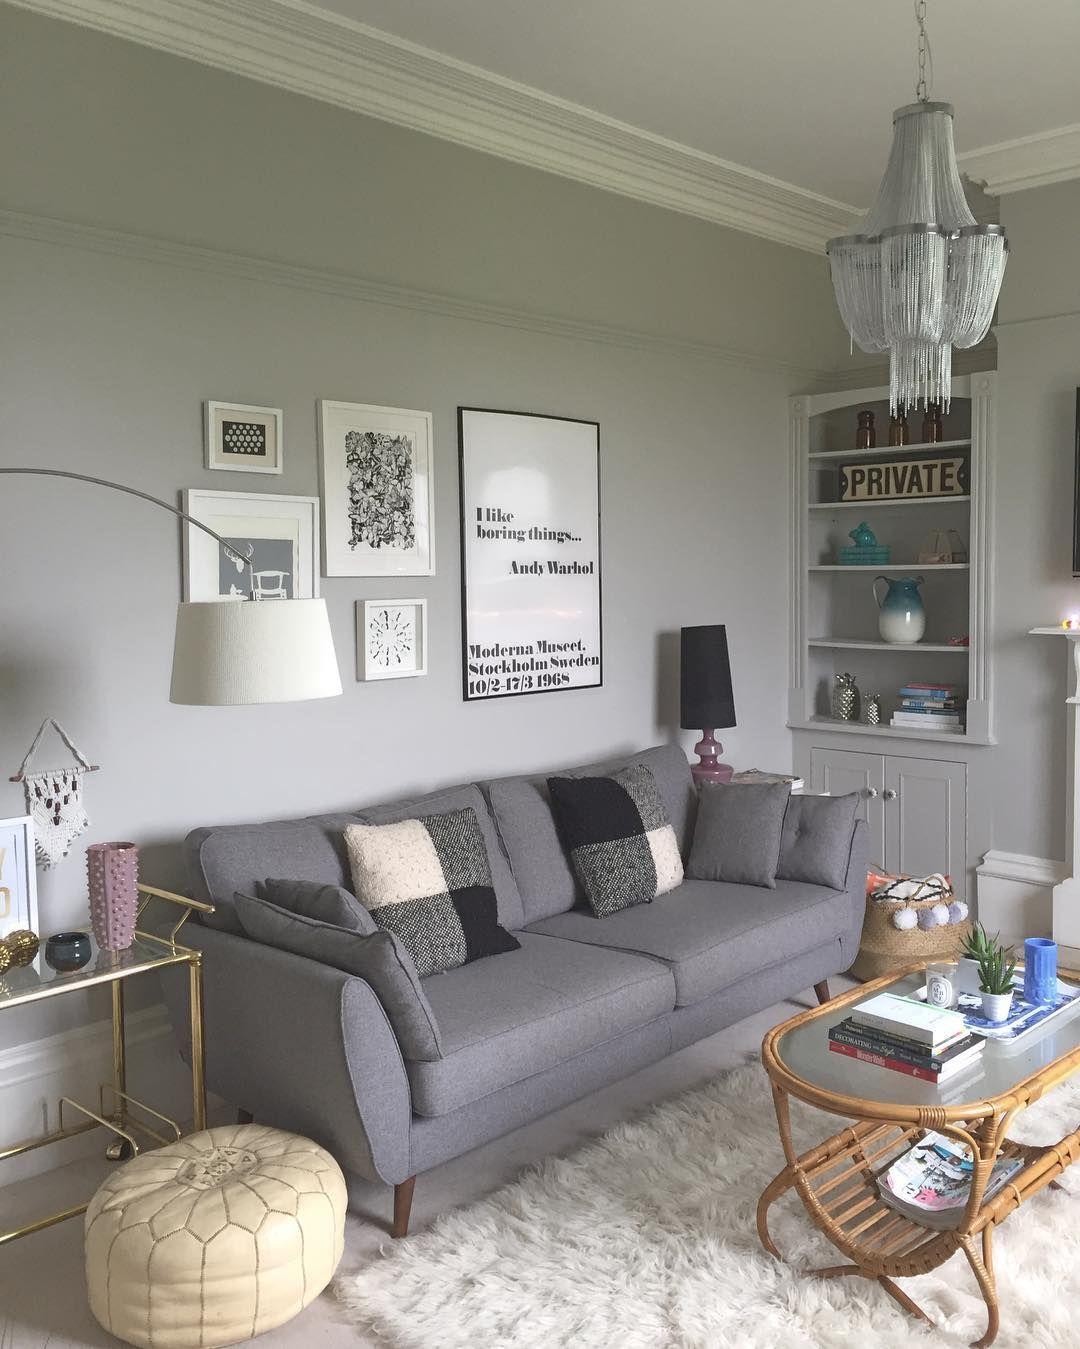 Pin By Bledar Goga On Kolltuqe Living Room Room Living Room Grey